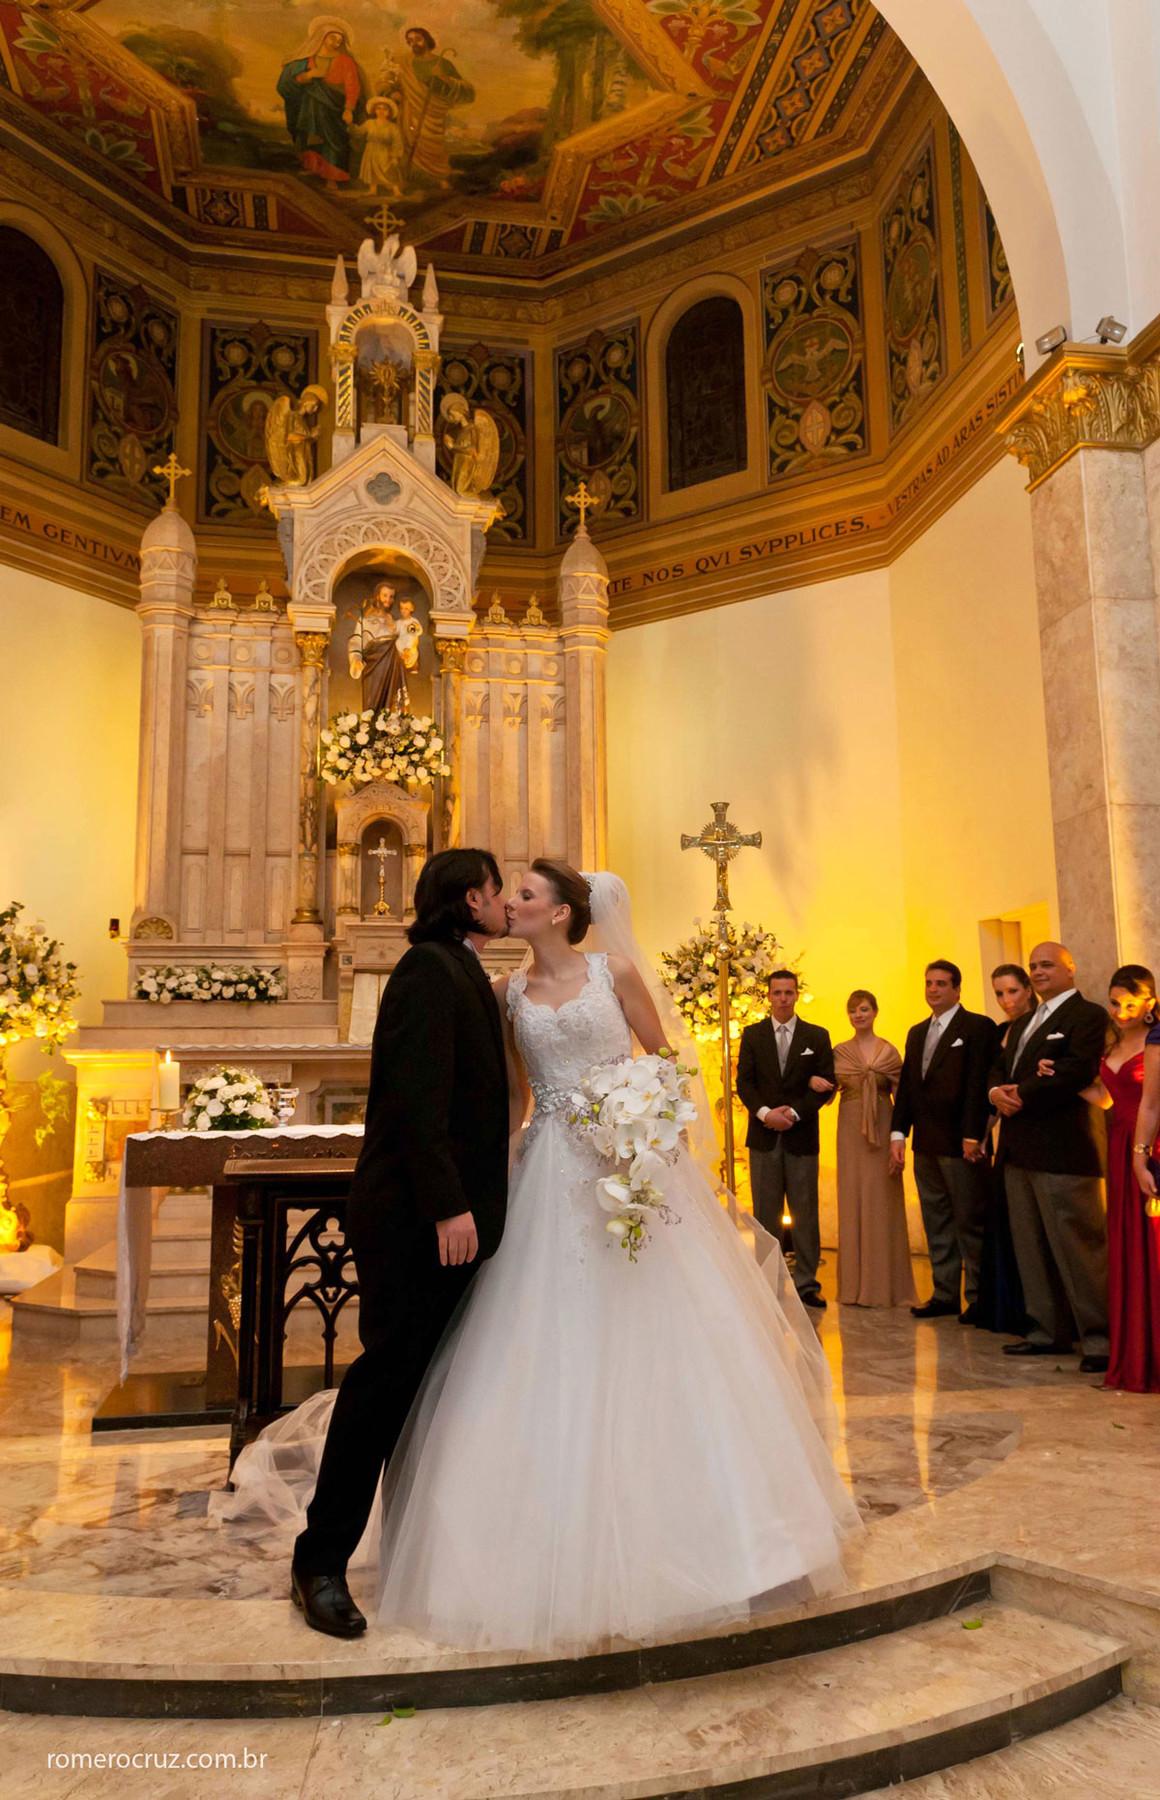 Beijo apaixonado dos noivos em casamento na igreja são josé em São Paulo-sp